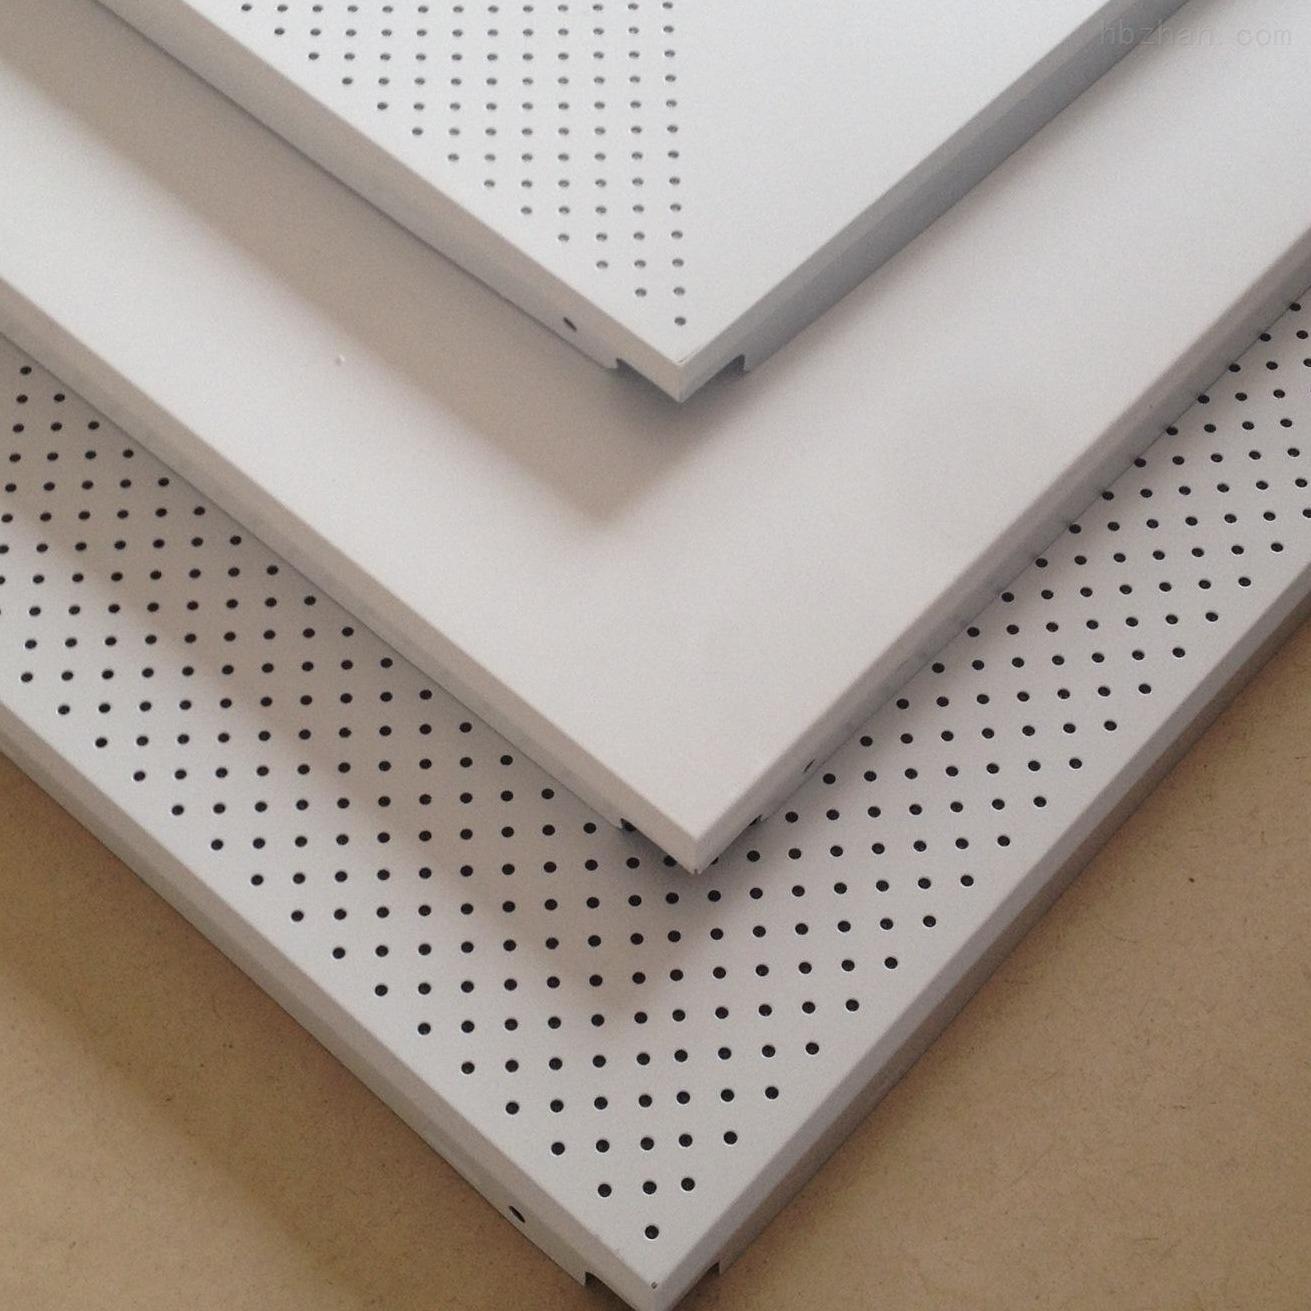 艺术天花板铝玻纤吸音板